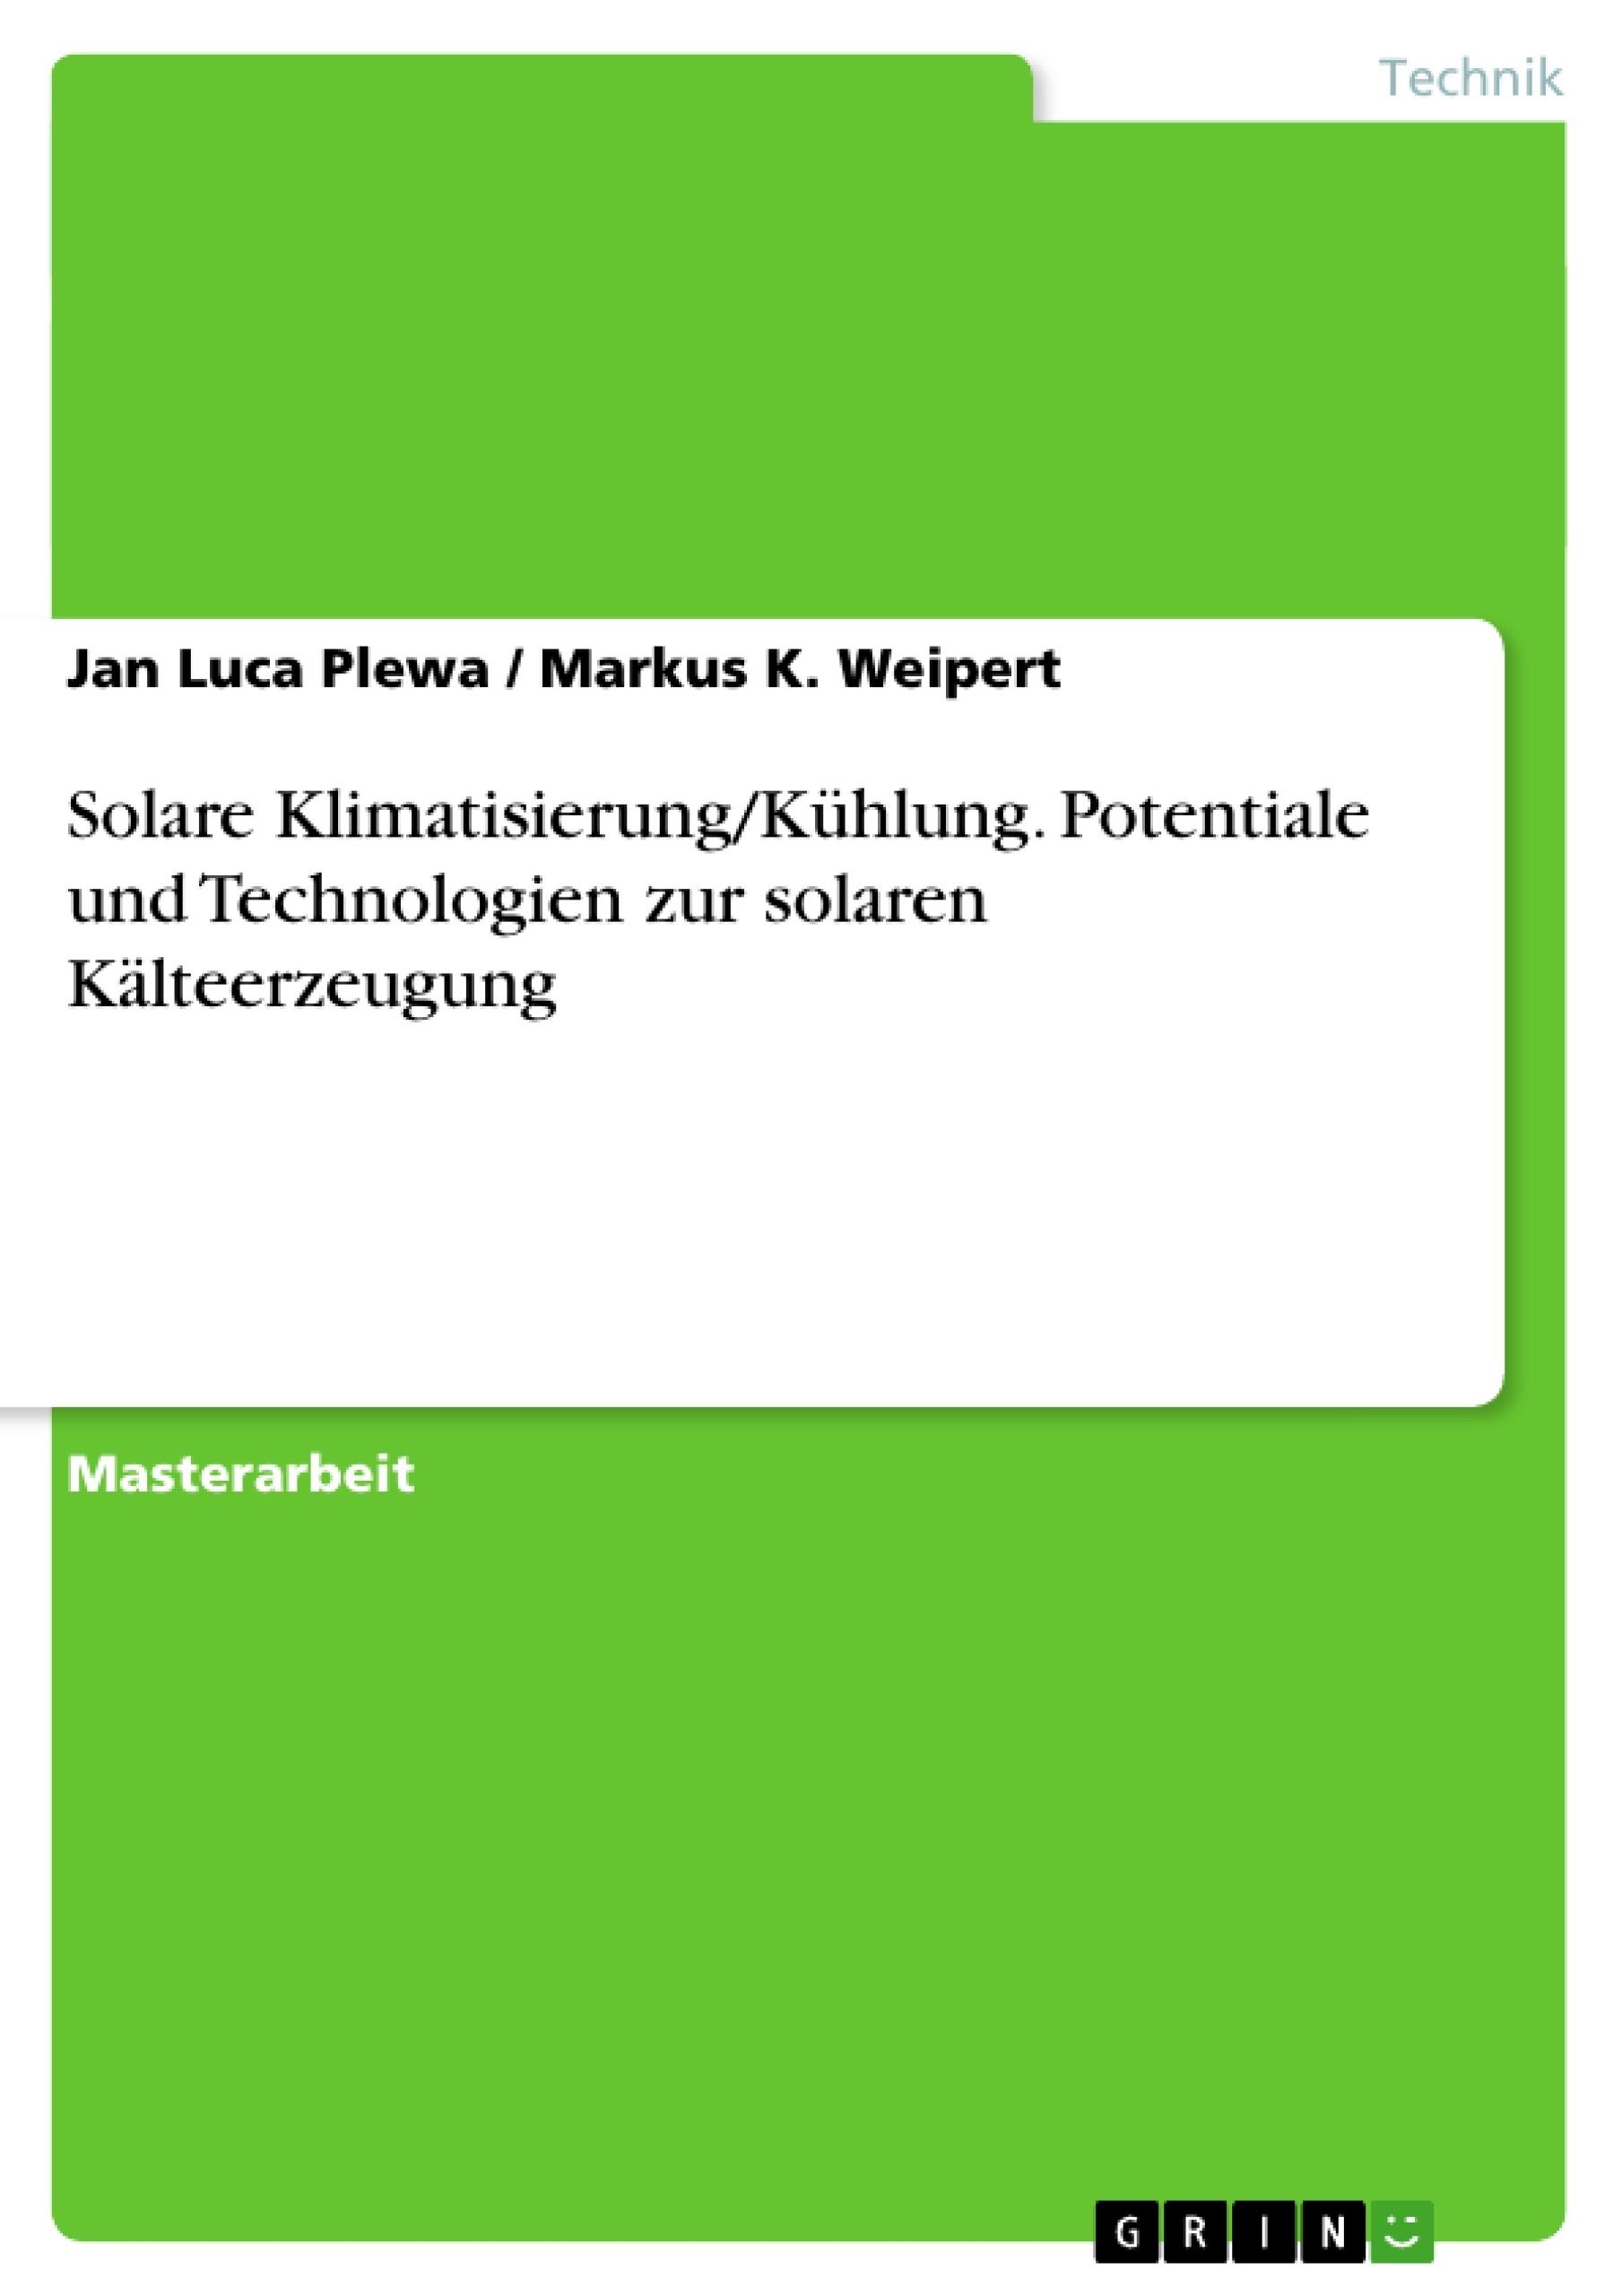 Titel: Solare Klimatisierung/Kühlung. Potentiale und Technologien zur solaren Kälteerzeugung